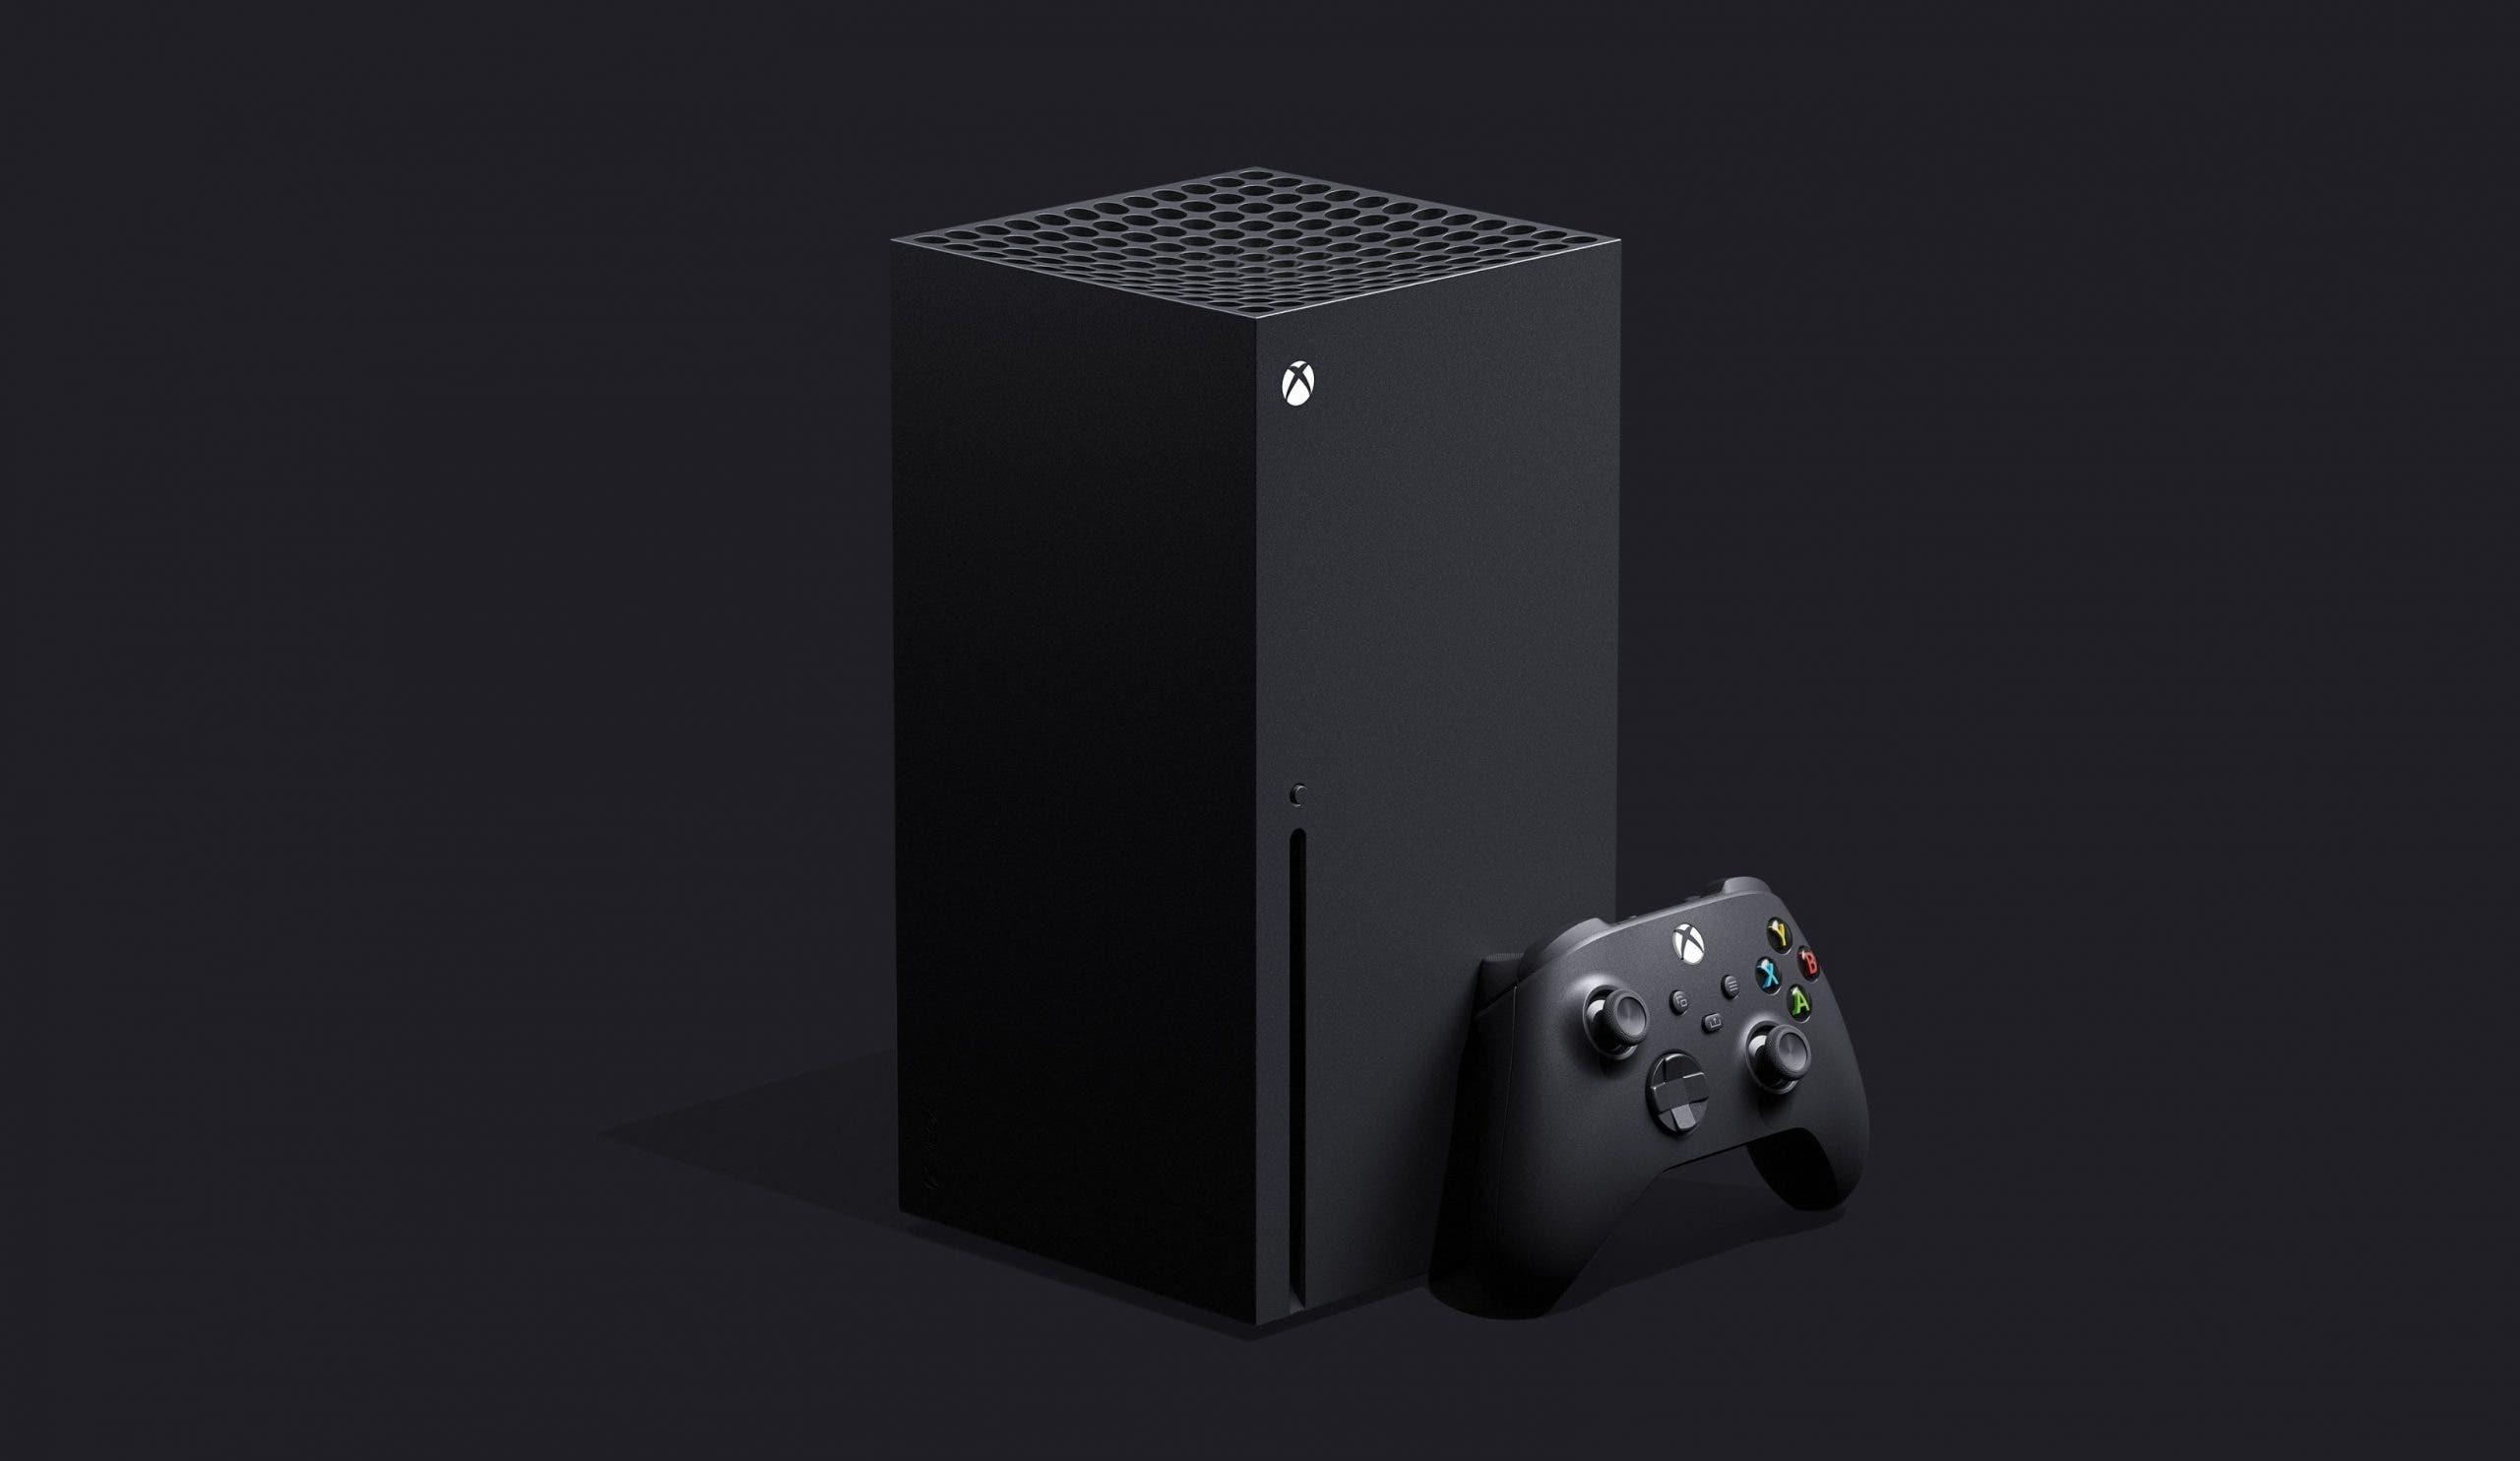 Filtran precio y fecha de lanzamiento de Xbox Series X